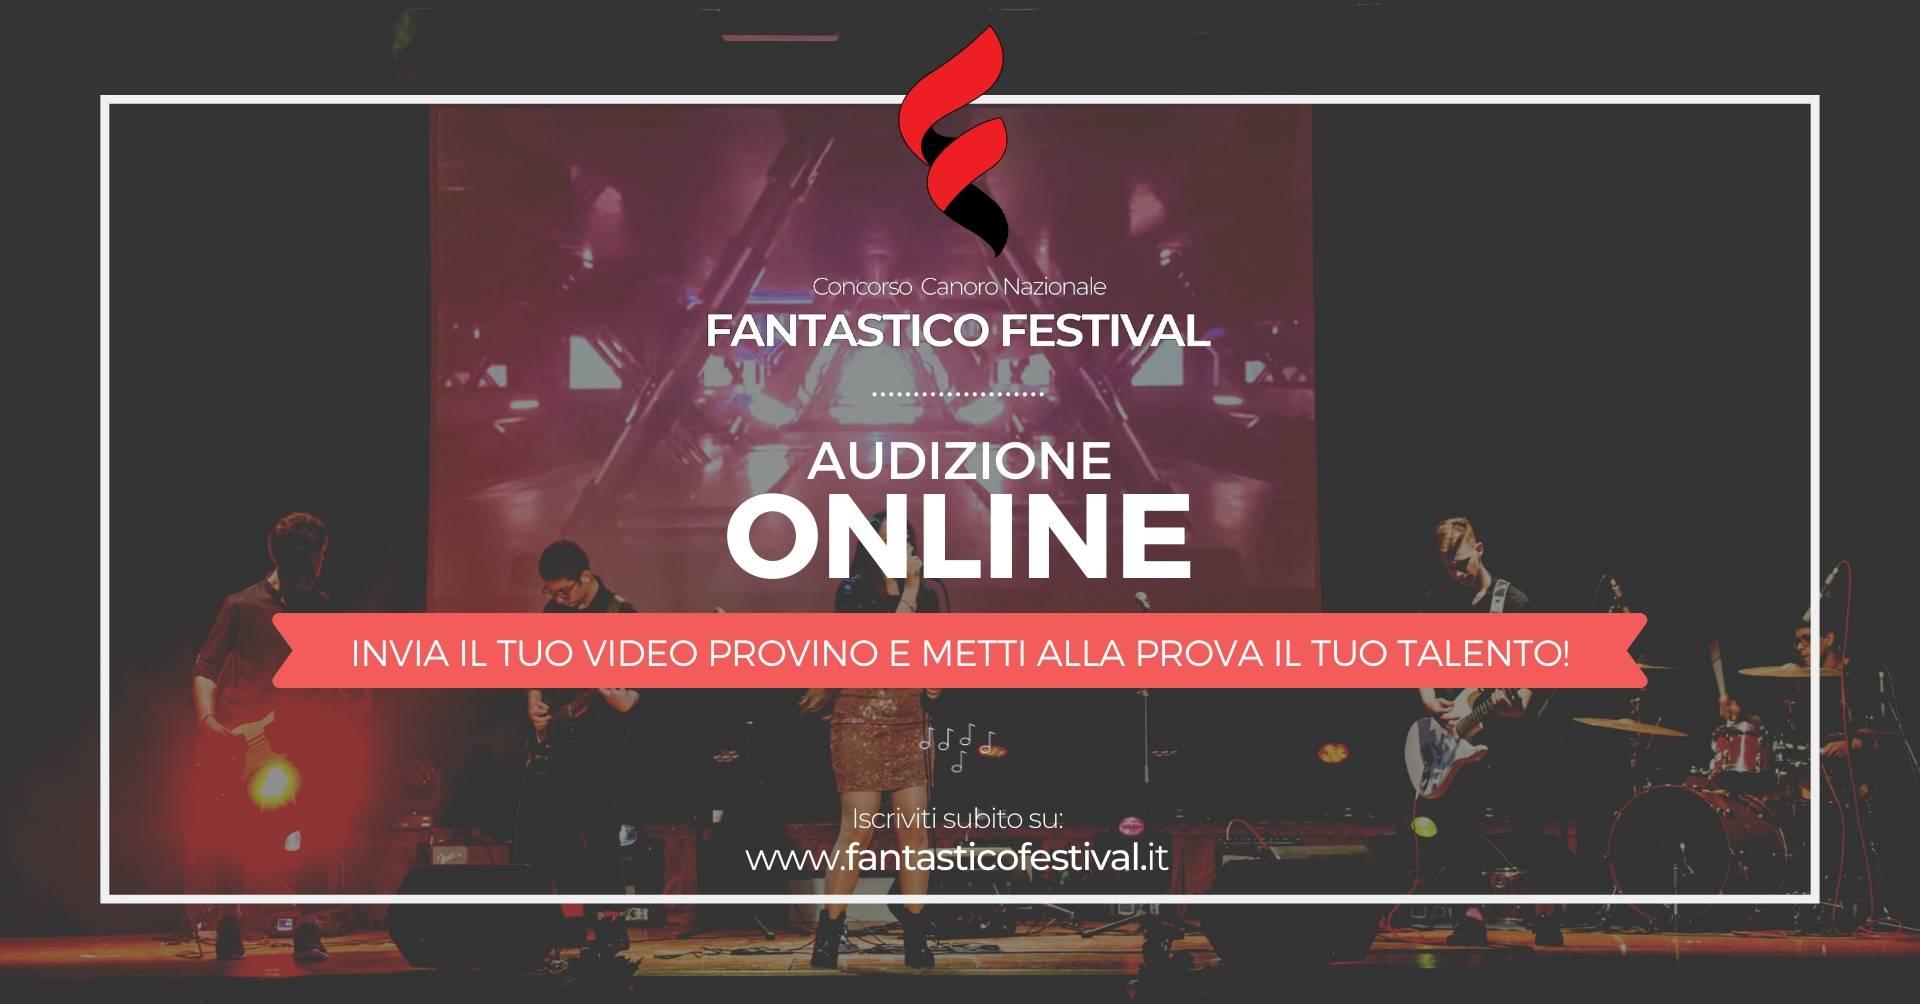 Audizione online 2020 Fantastico Festival Concorso Canoro musicale